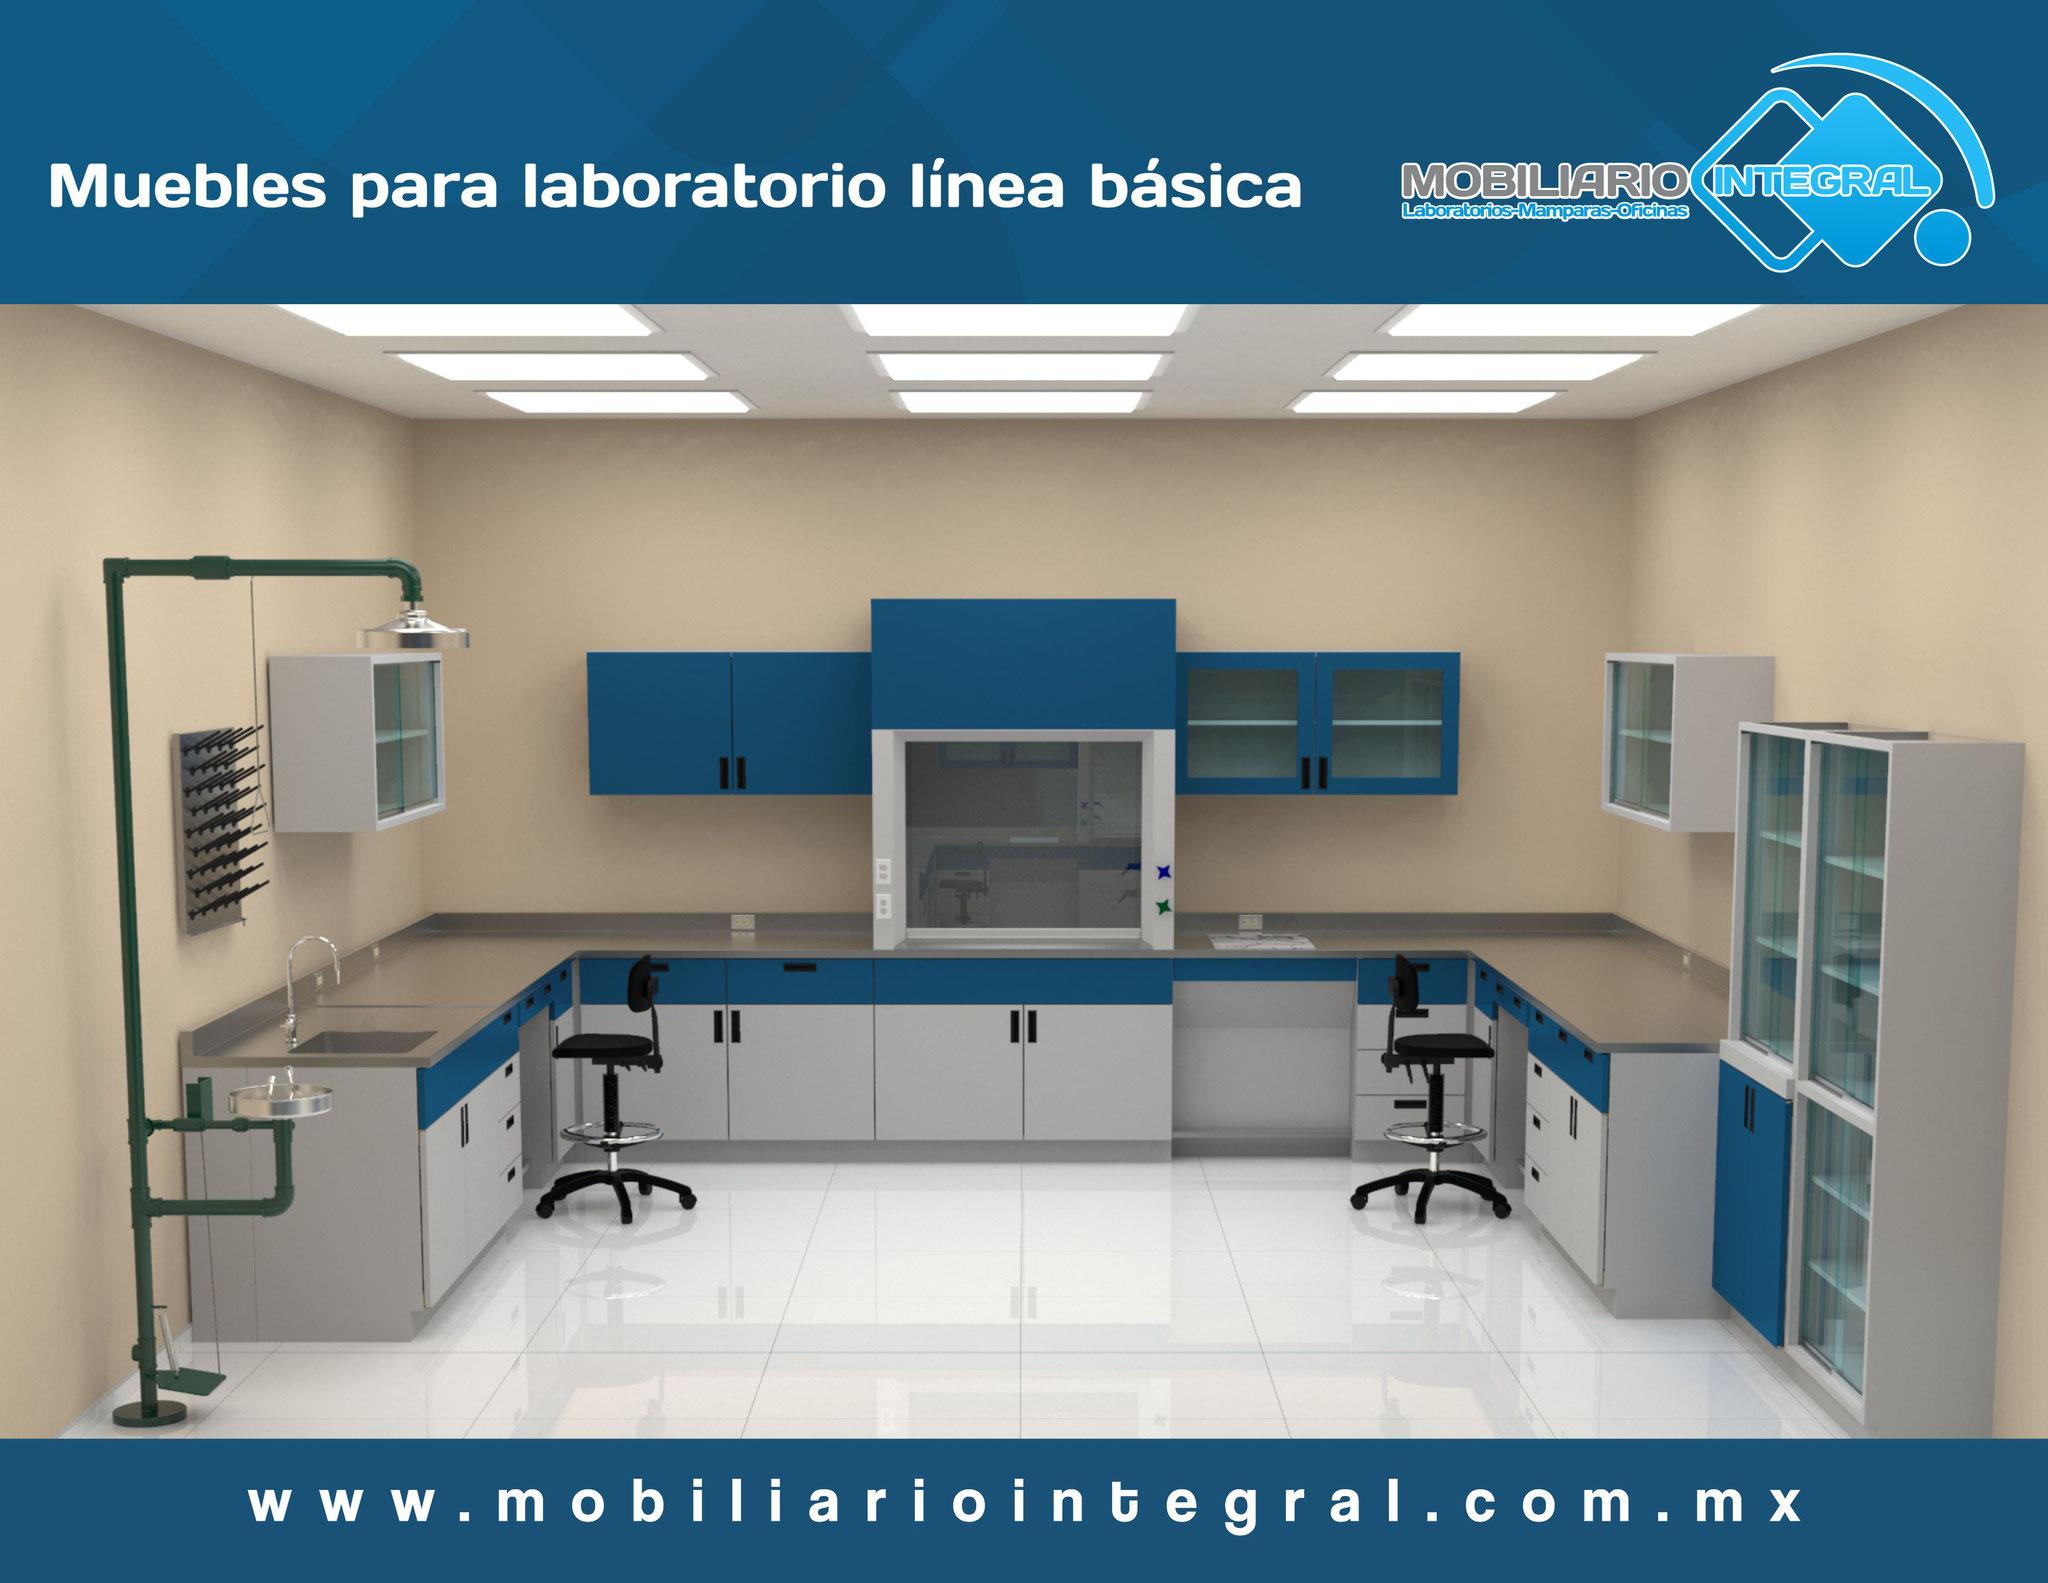 Muebles para laboratorio en CDMX